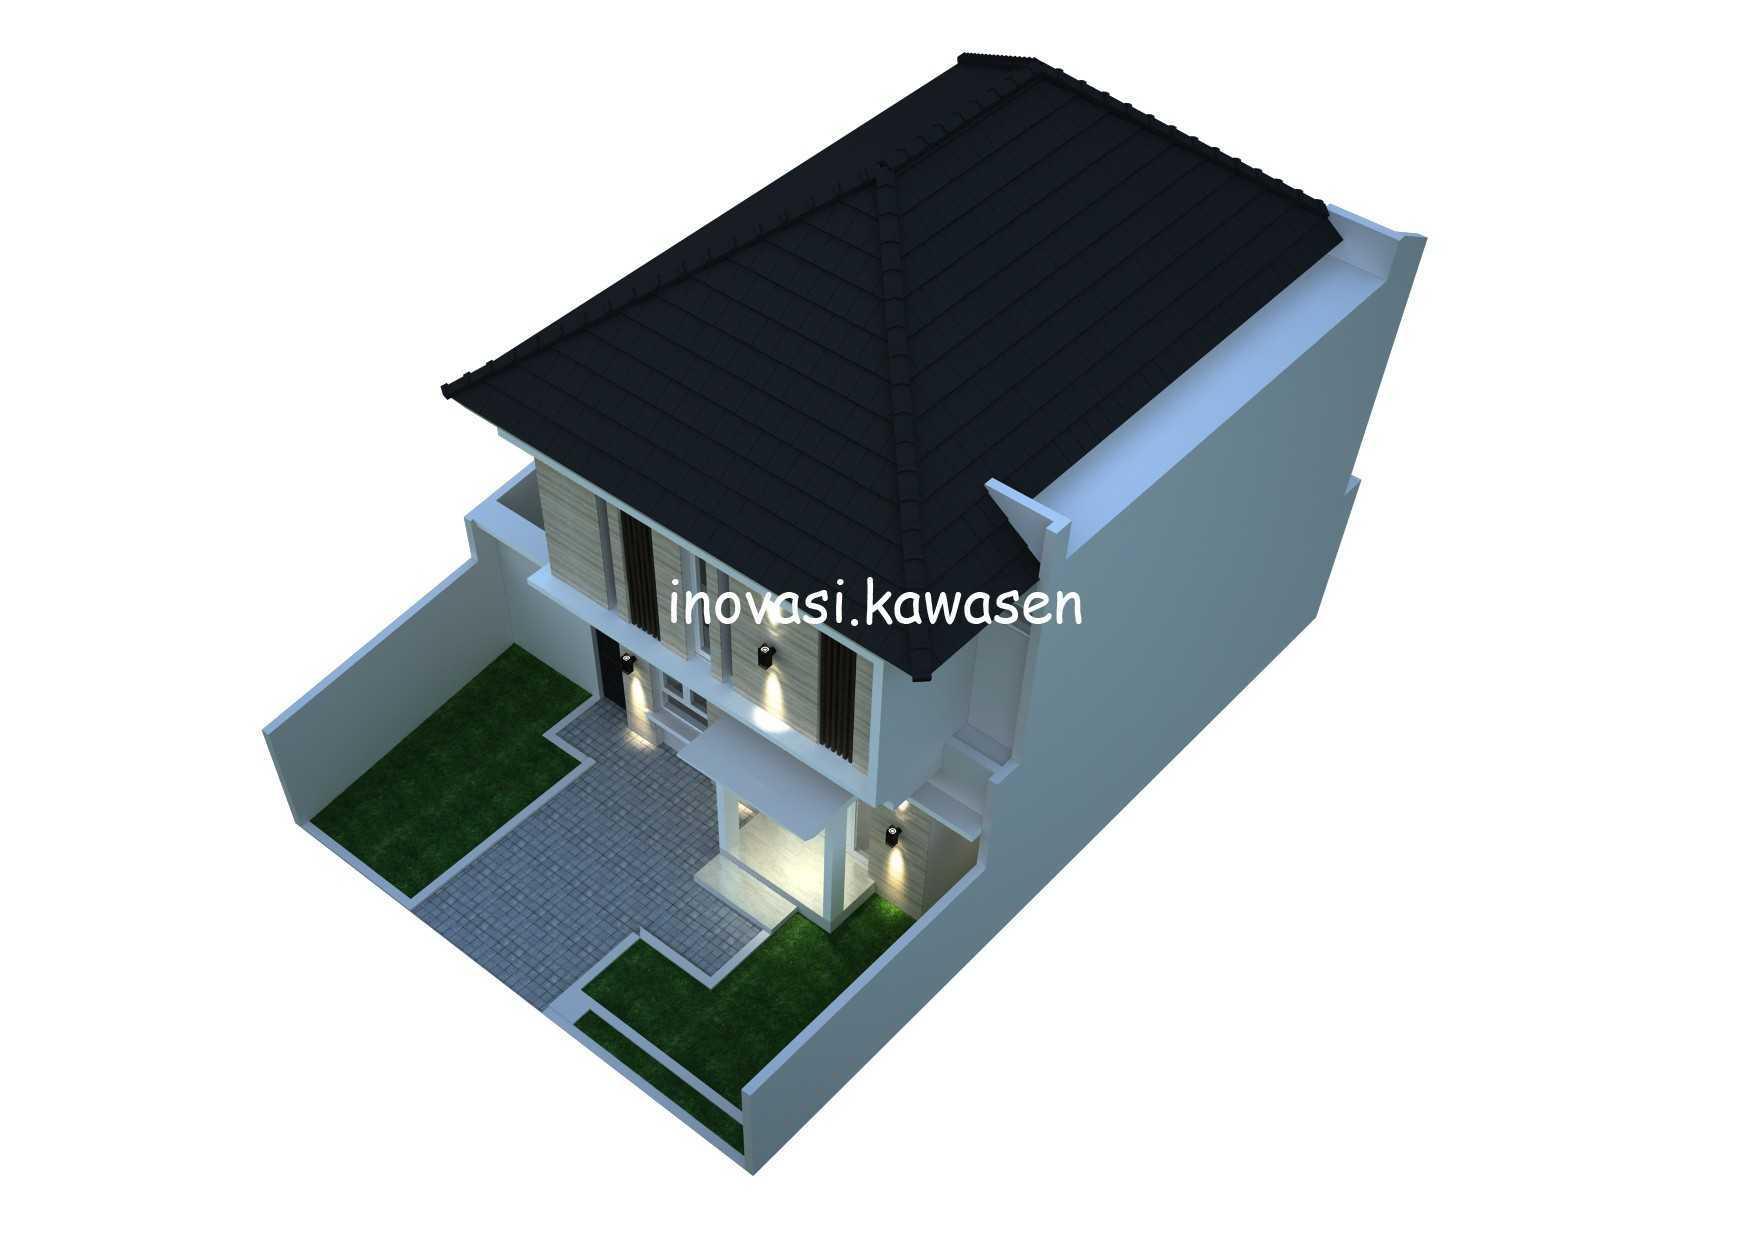 Inovasi Kawasen Rumah Tinggal Bpk. Ricky Kota Depok, Jawa Barat, Indonesia Kota Depok, Jawa Barat, Indonesia Inovasi-Kawasen-Rumah-Tinggal-Bpk-Ricky   89808